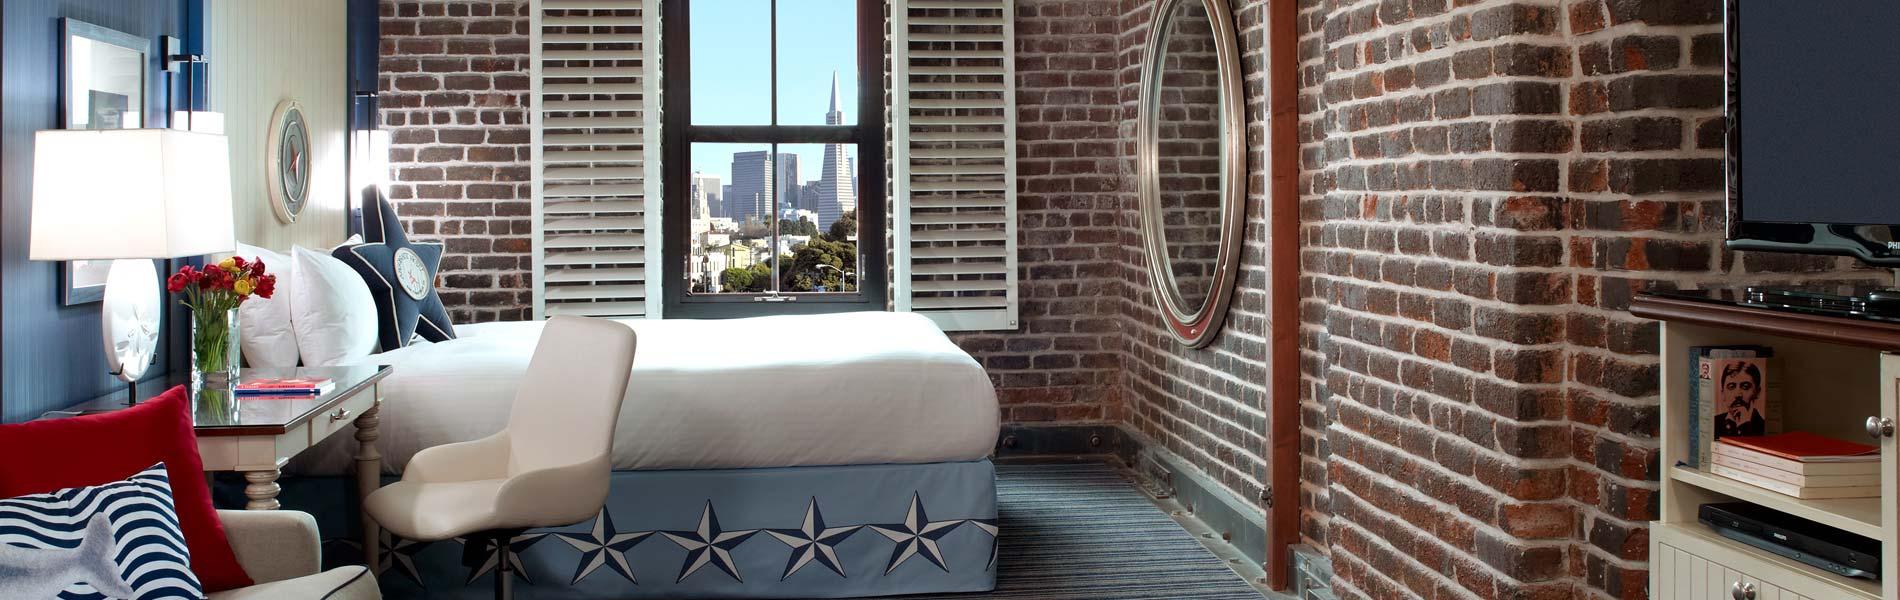 guestroom-1 jpg.jpg